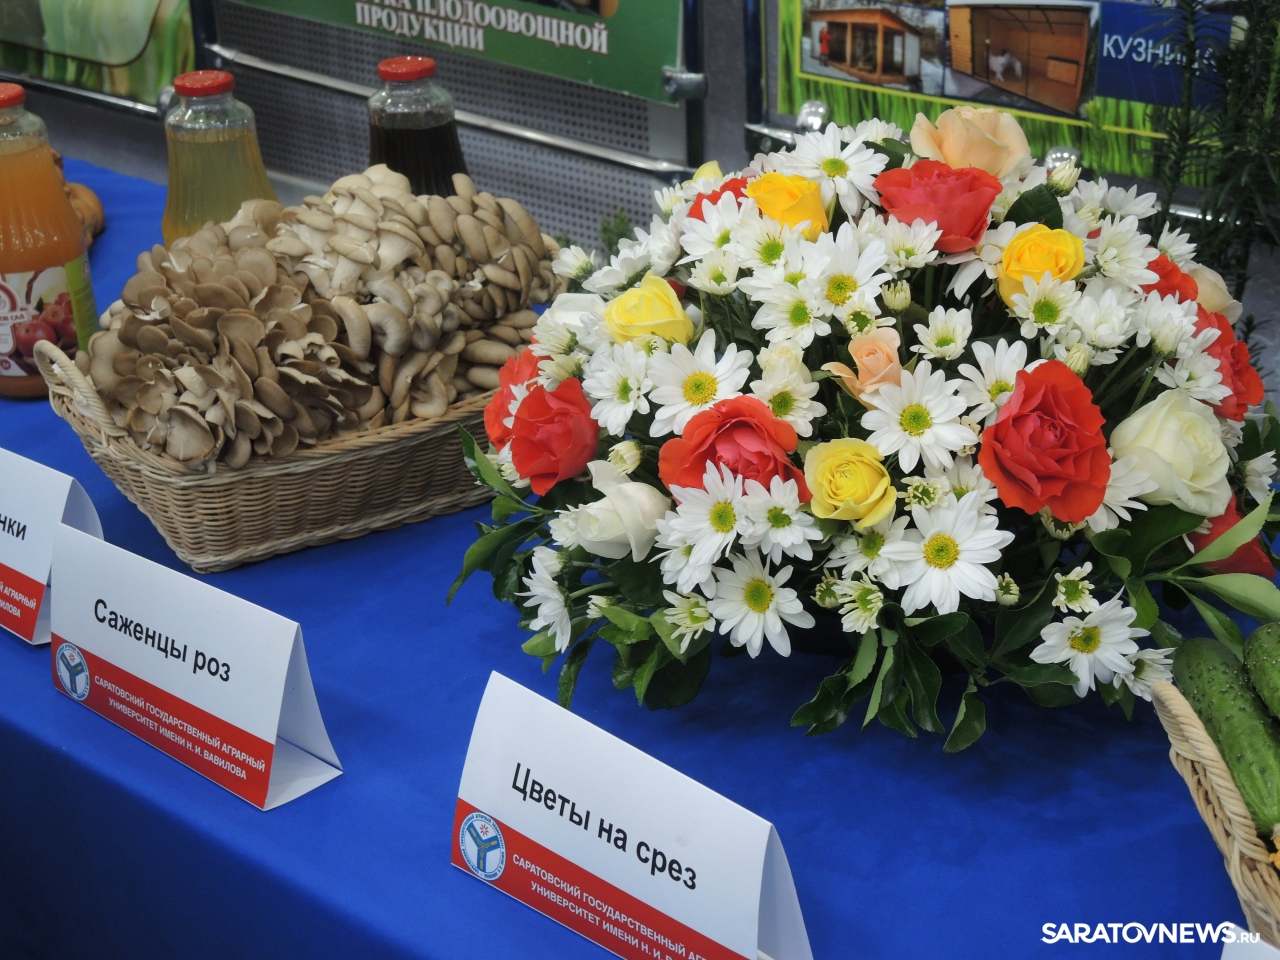 Выставка перед десятым заседанием Саратовской областной думы